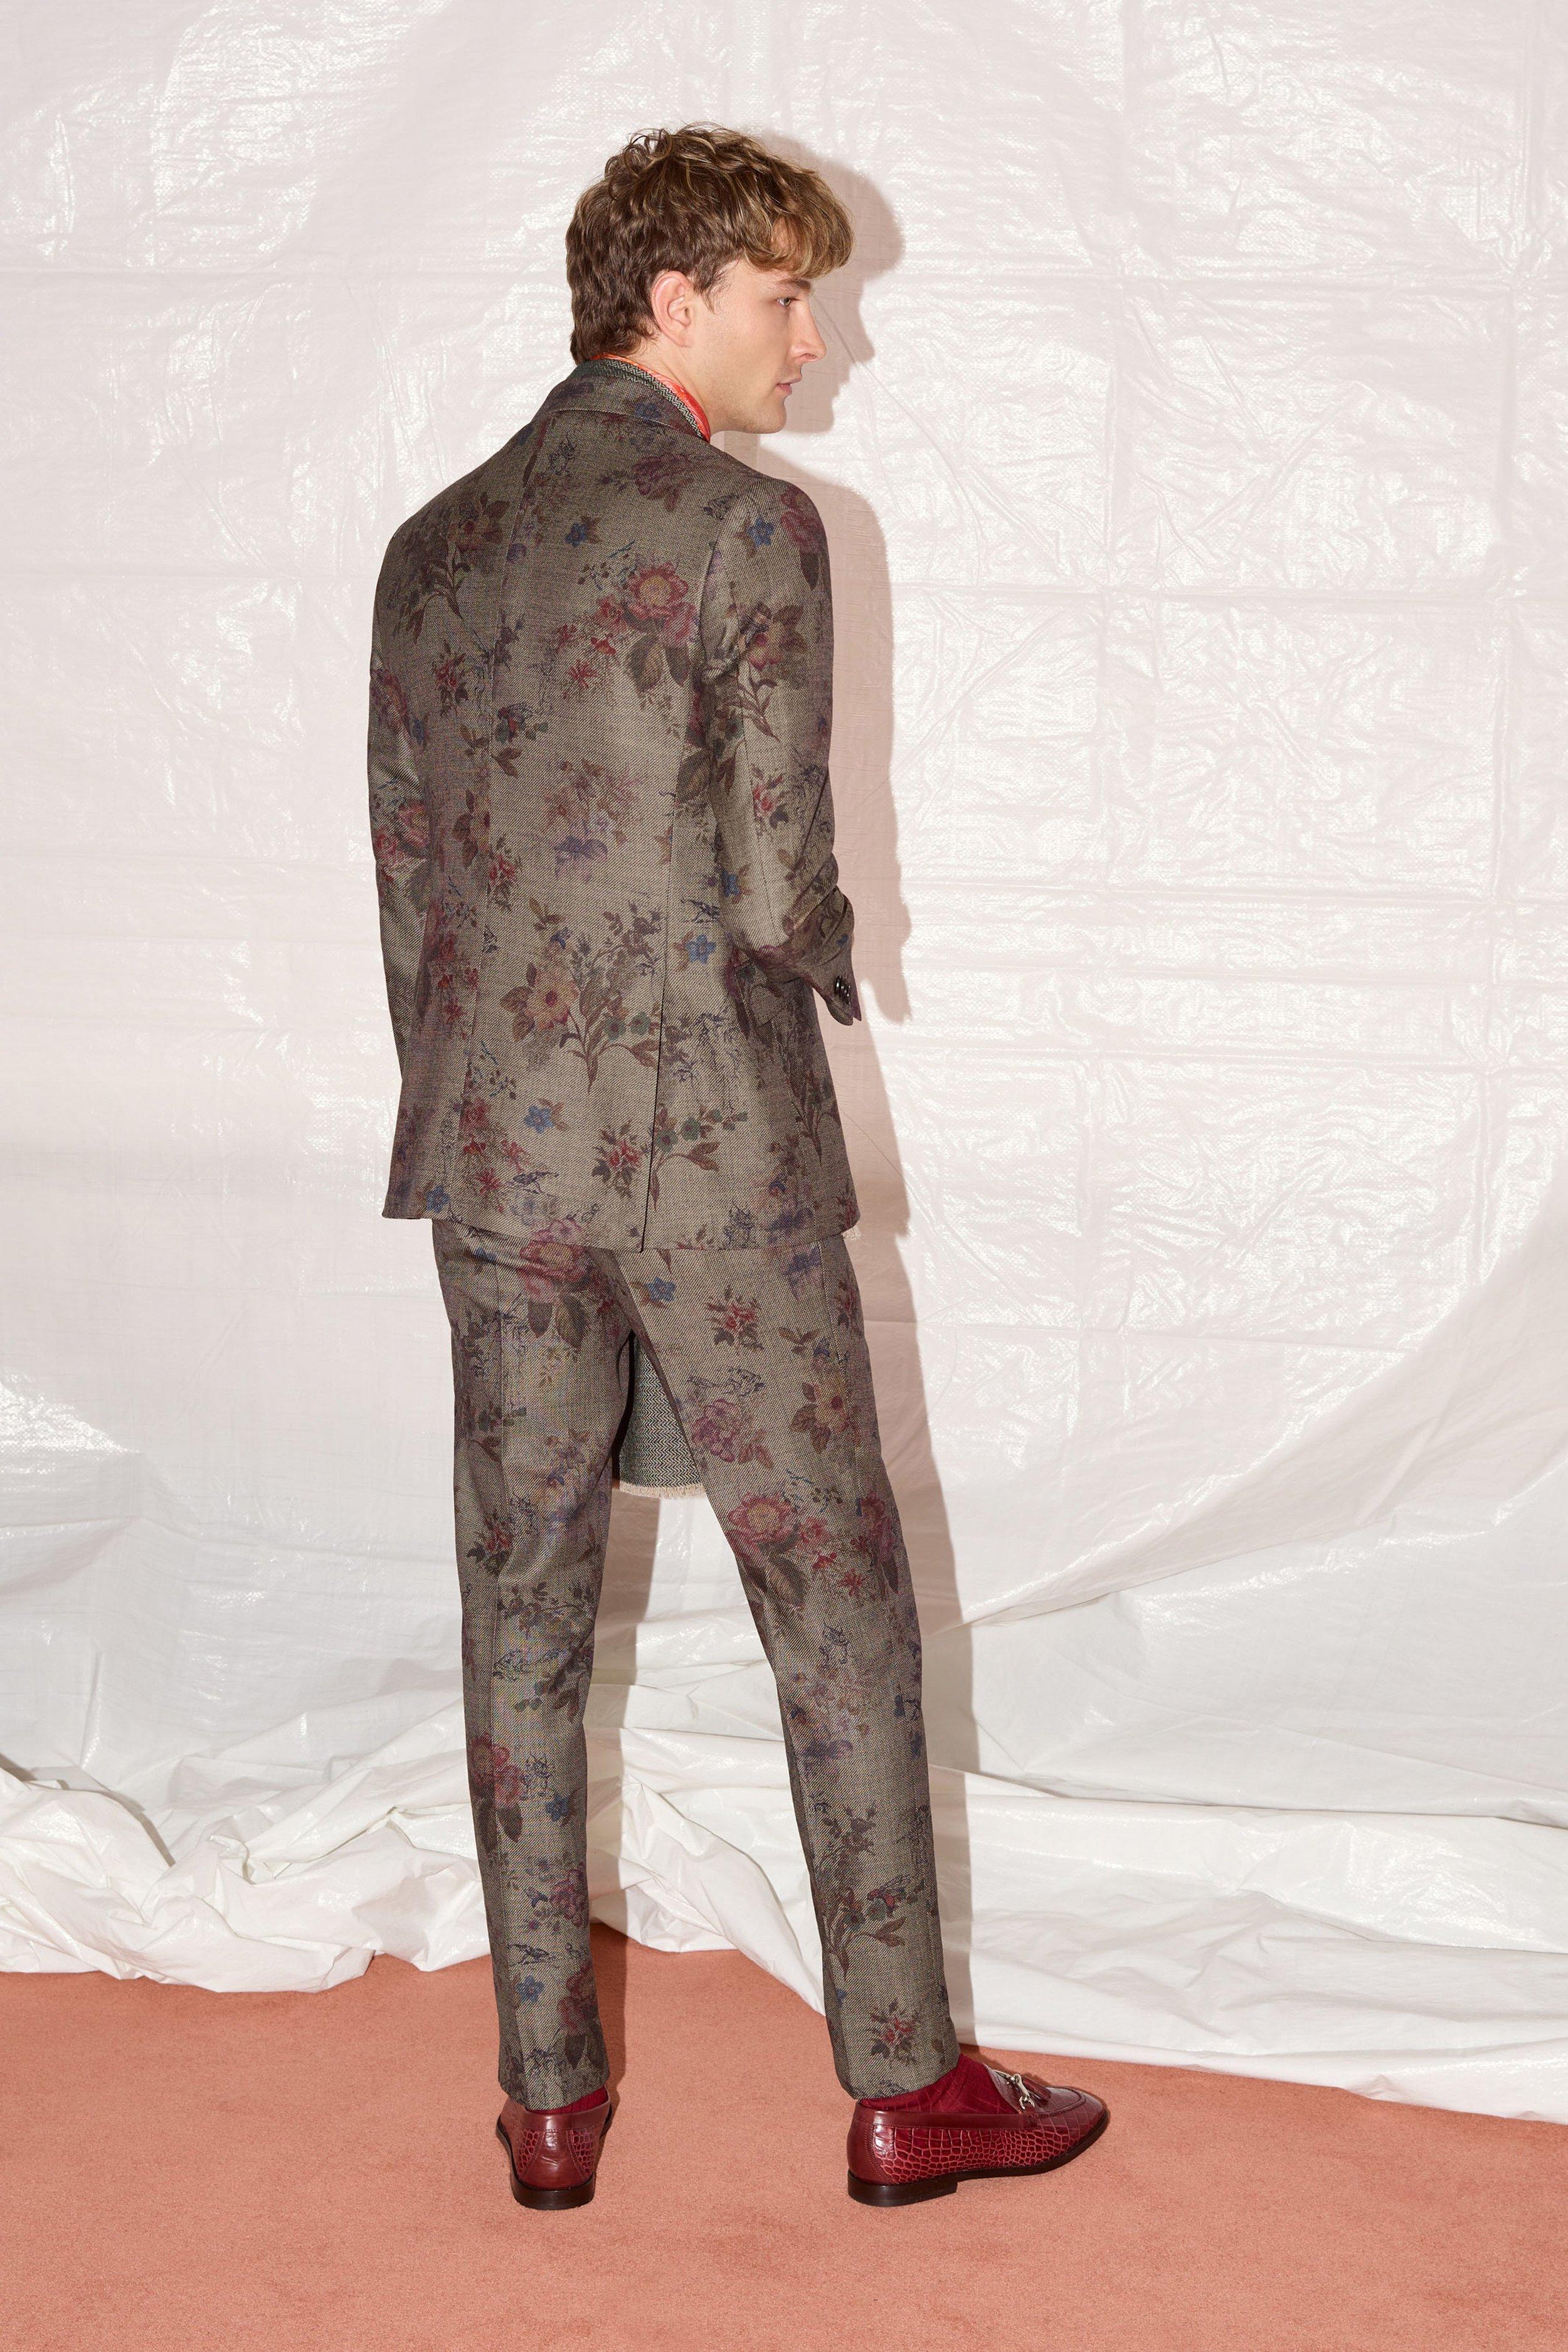 00004-ETRO-Menswear-Milan-2019.jpg